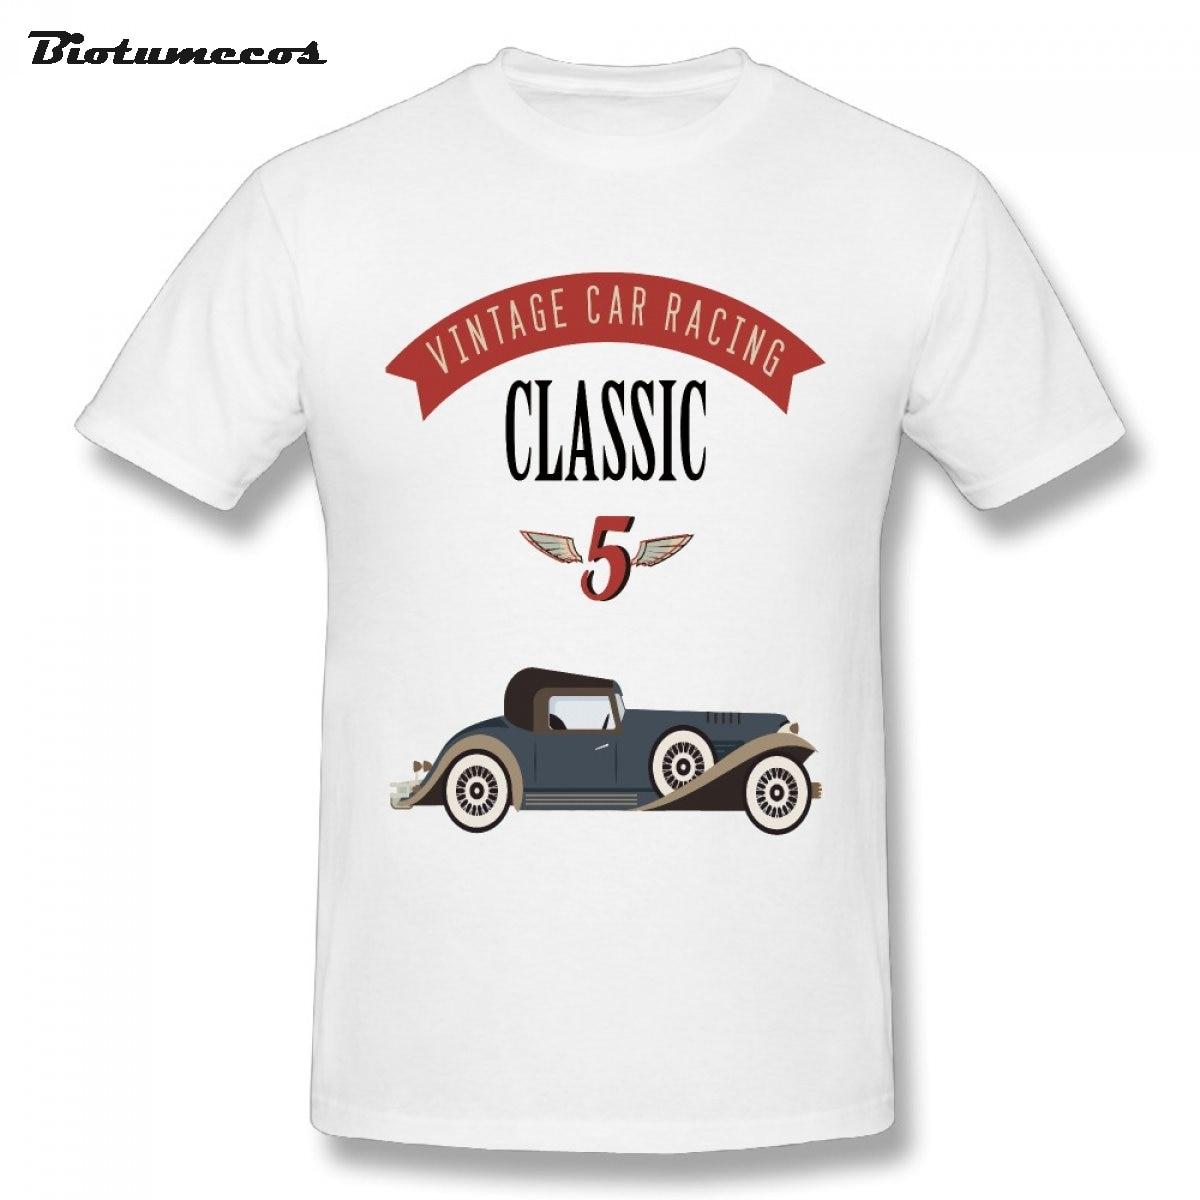 Desain t shirt unik - Hot Pria T Shirt Vintage Mobil Klasik Retro Gelembung Mobil Dicetak Unik Desain Tees Kemeja Top